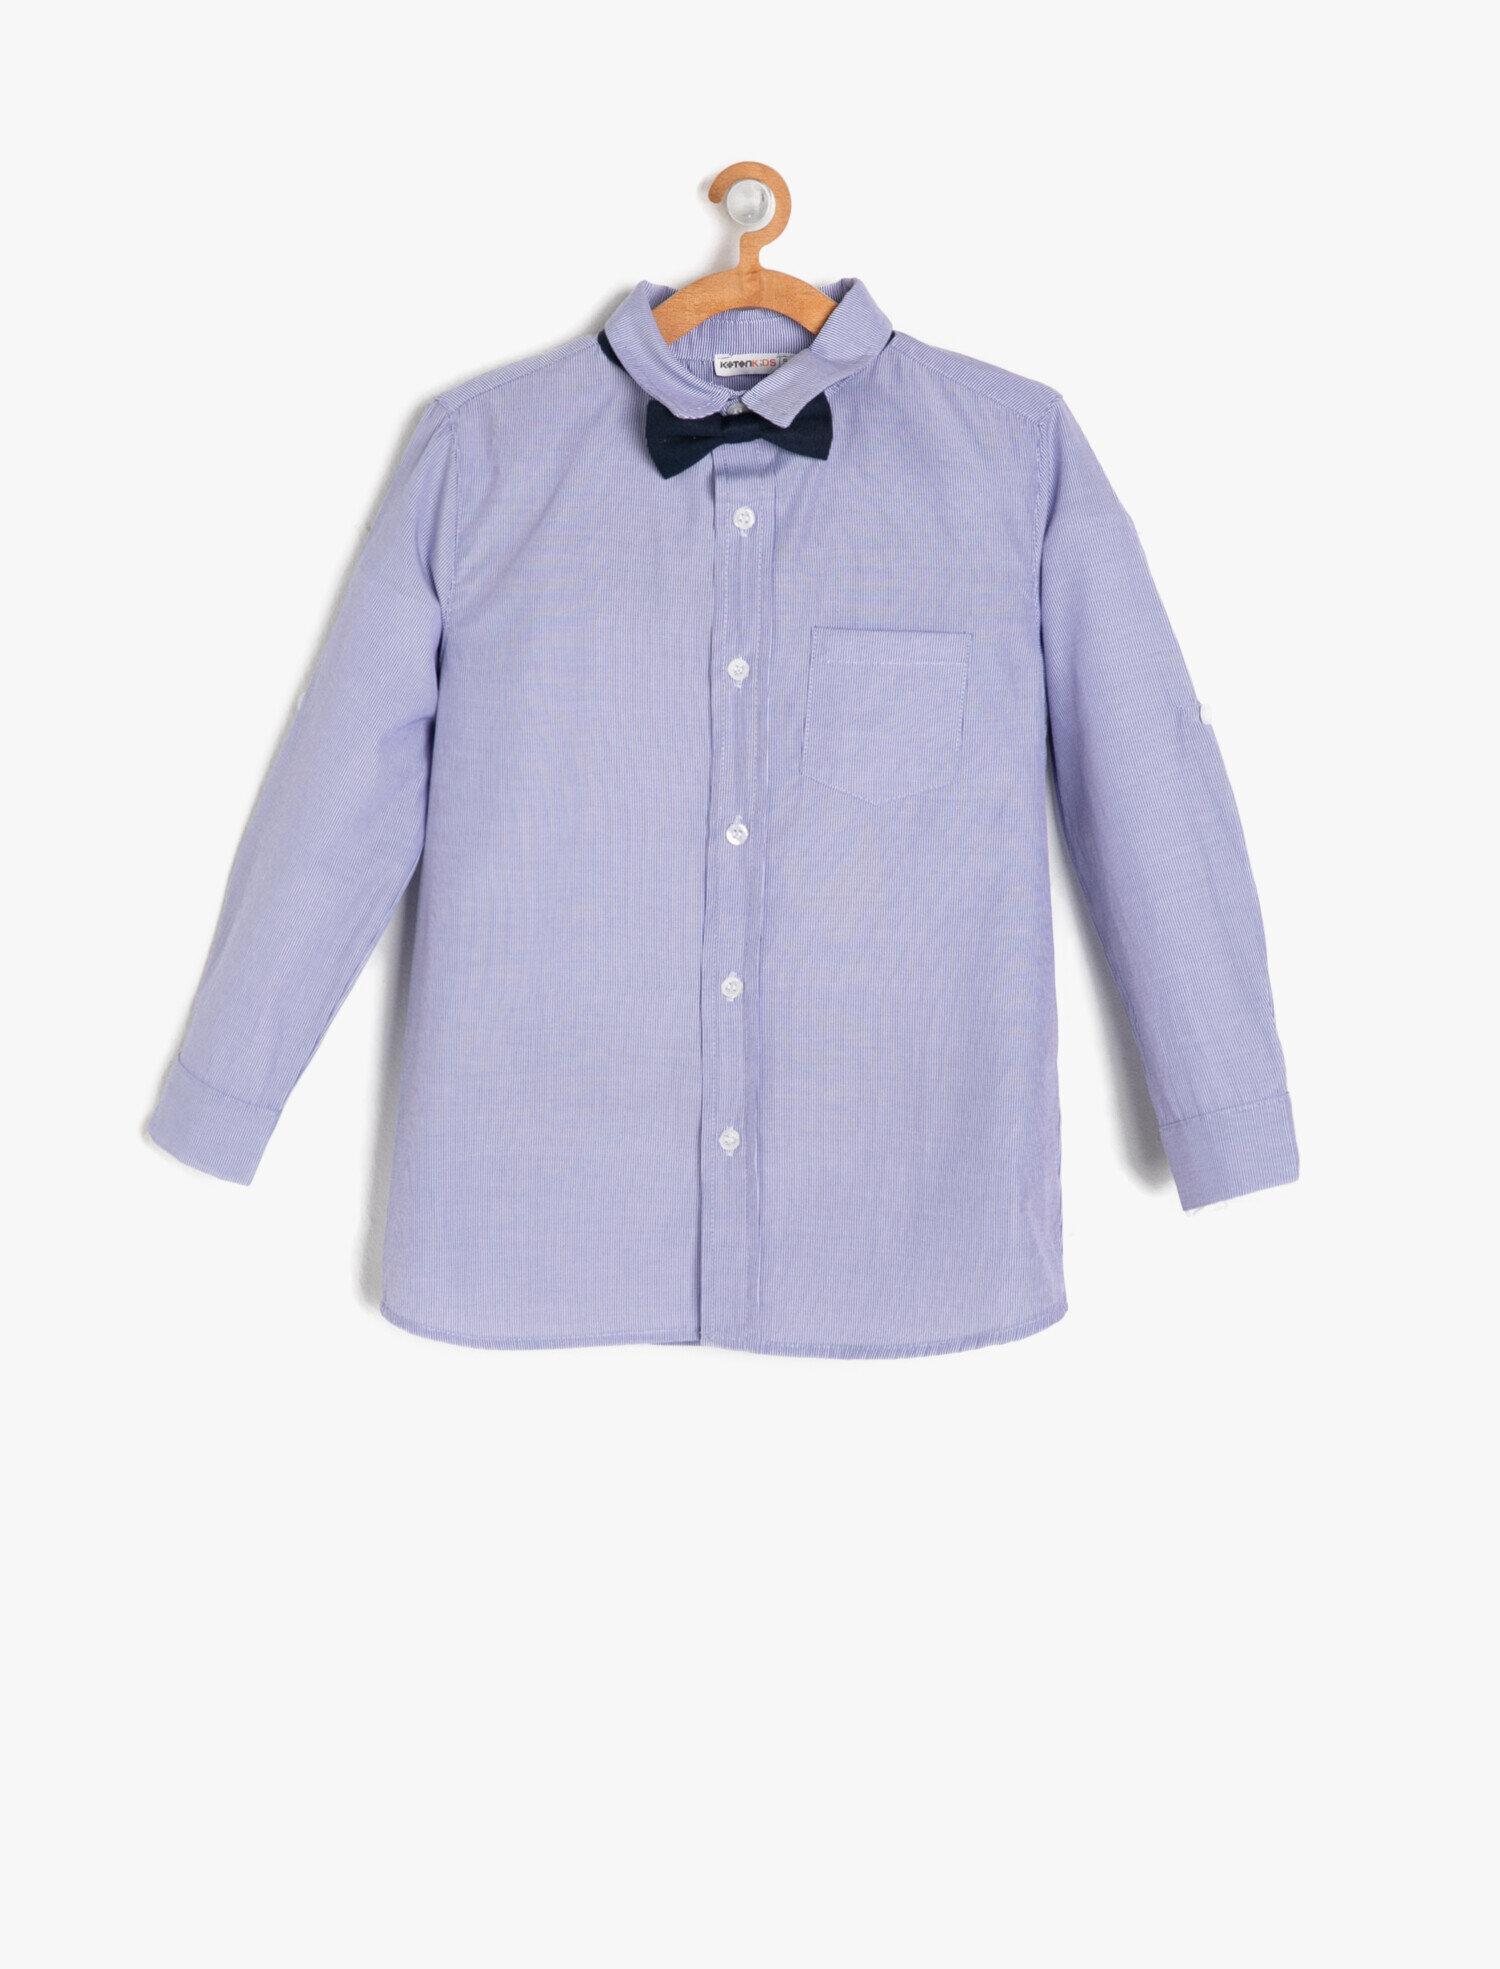 Koton Erkek Çocuk Papyon Detayli Gömlek Mavi Ürün Resmi